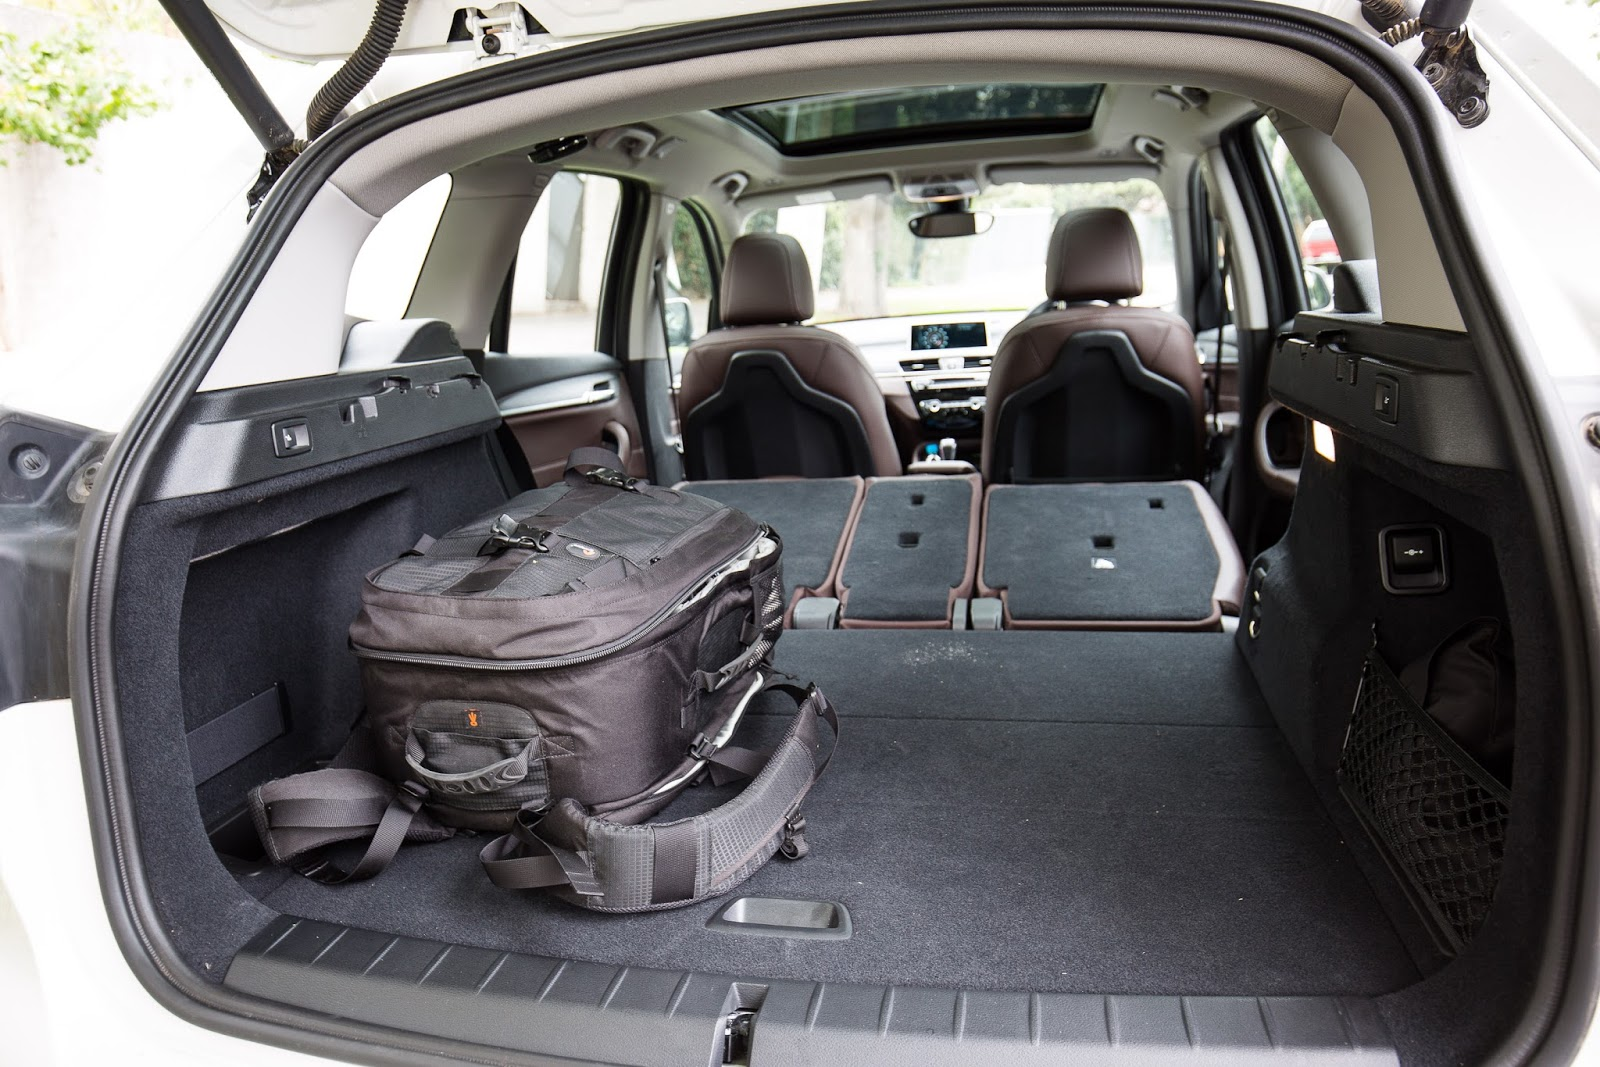 X1 là chiếc xe có khoang hành lý rộng nhất trong phân khúc